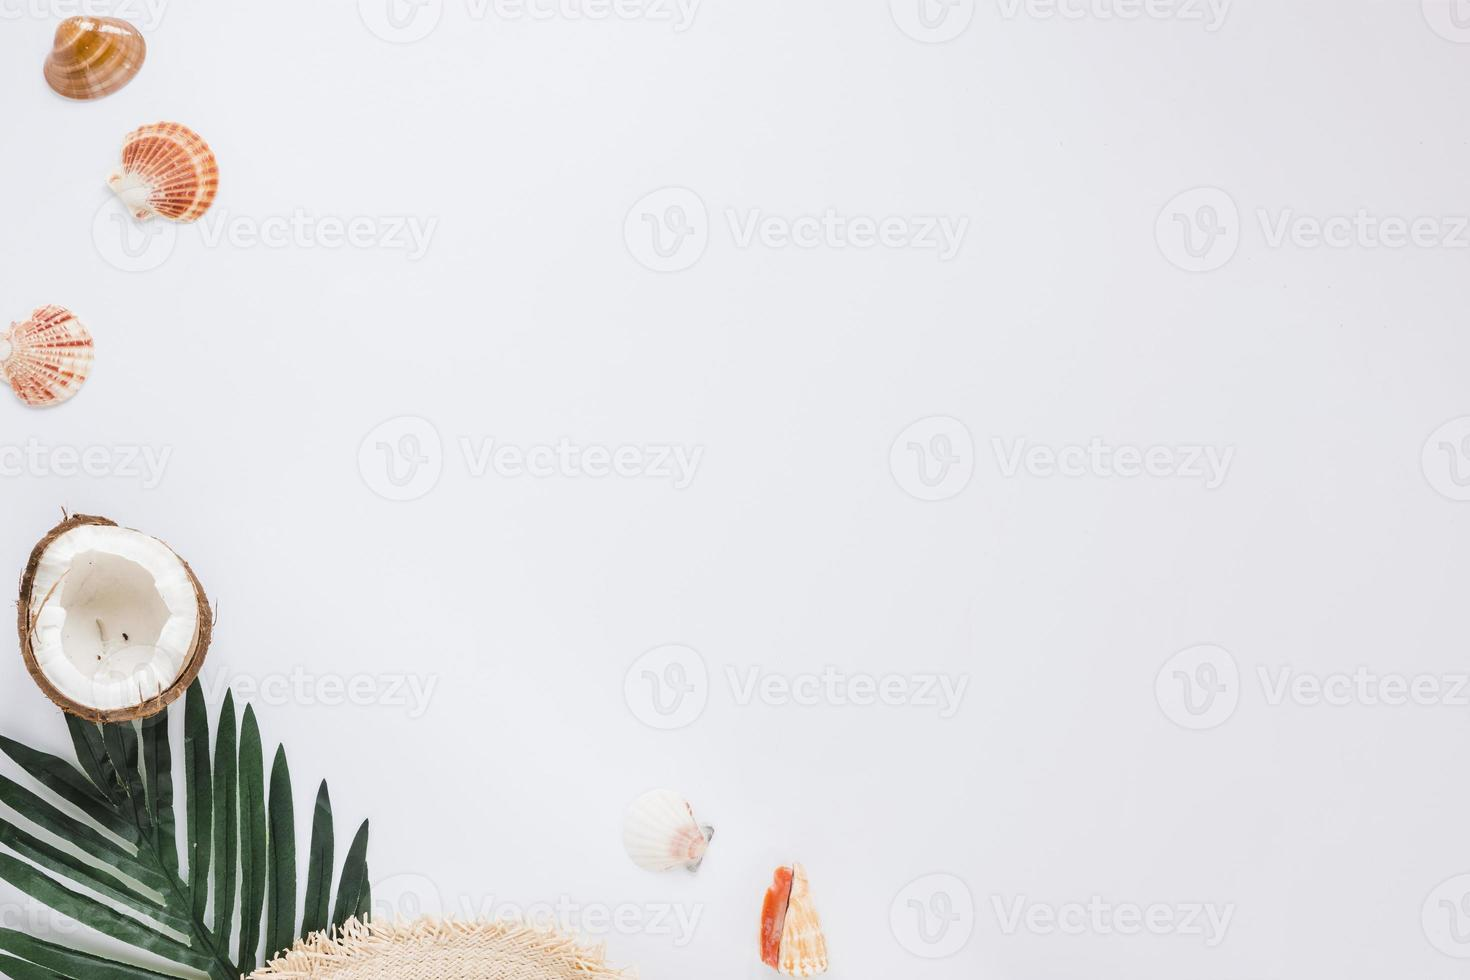 snäckskal med grönt blad och kokosnöt foto